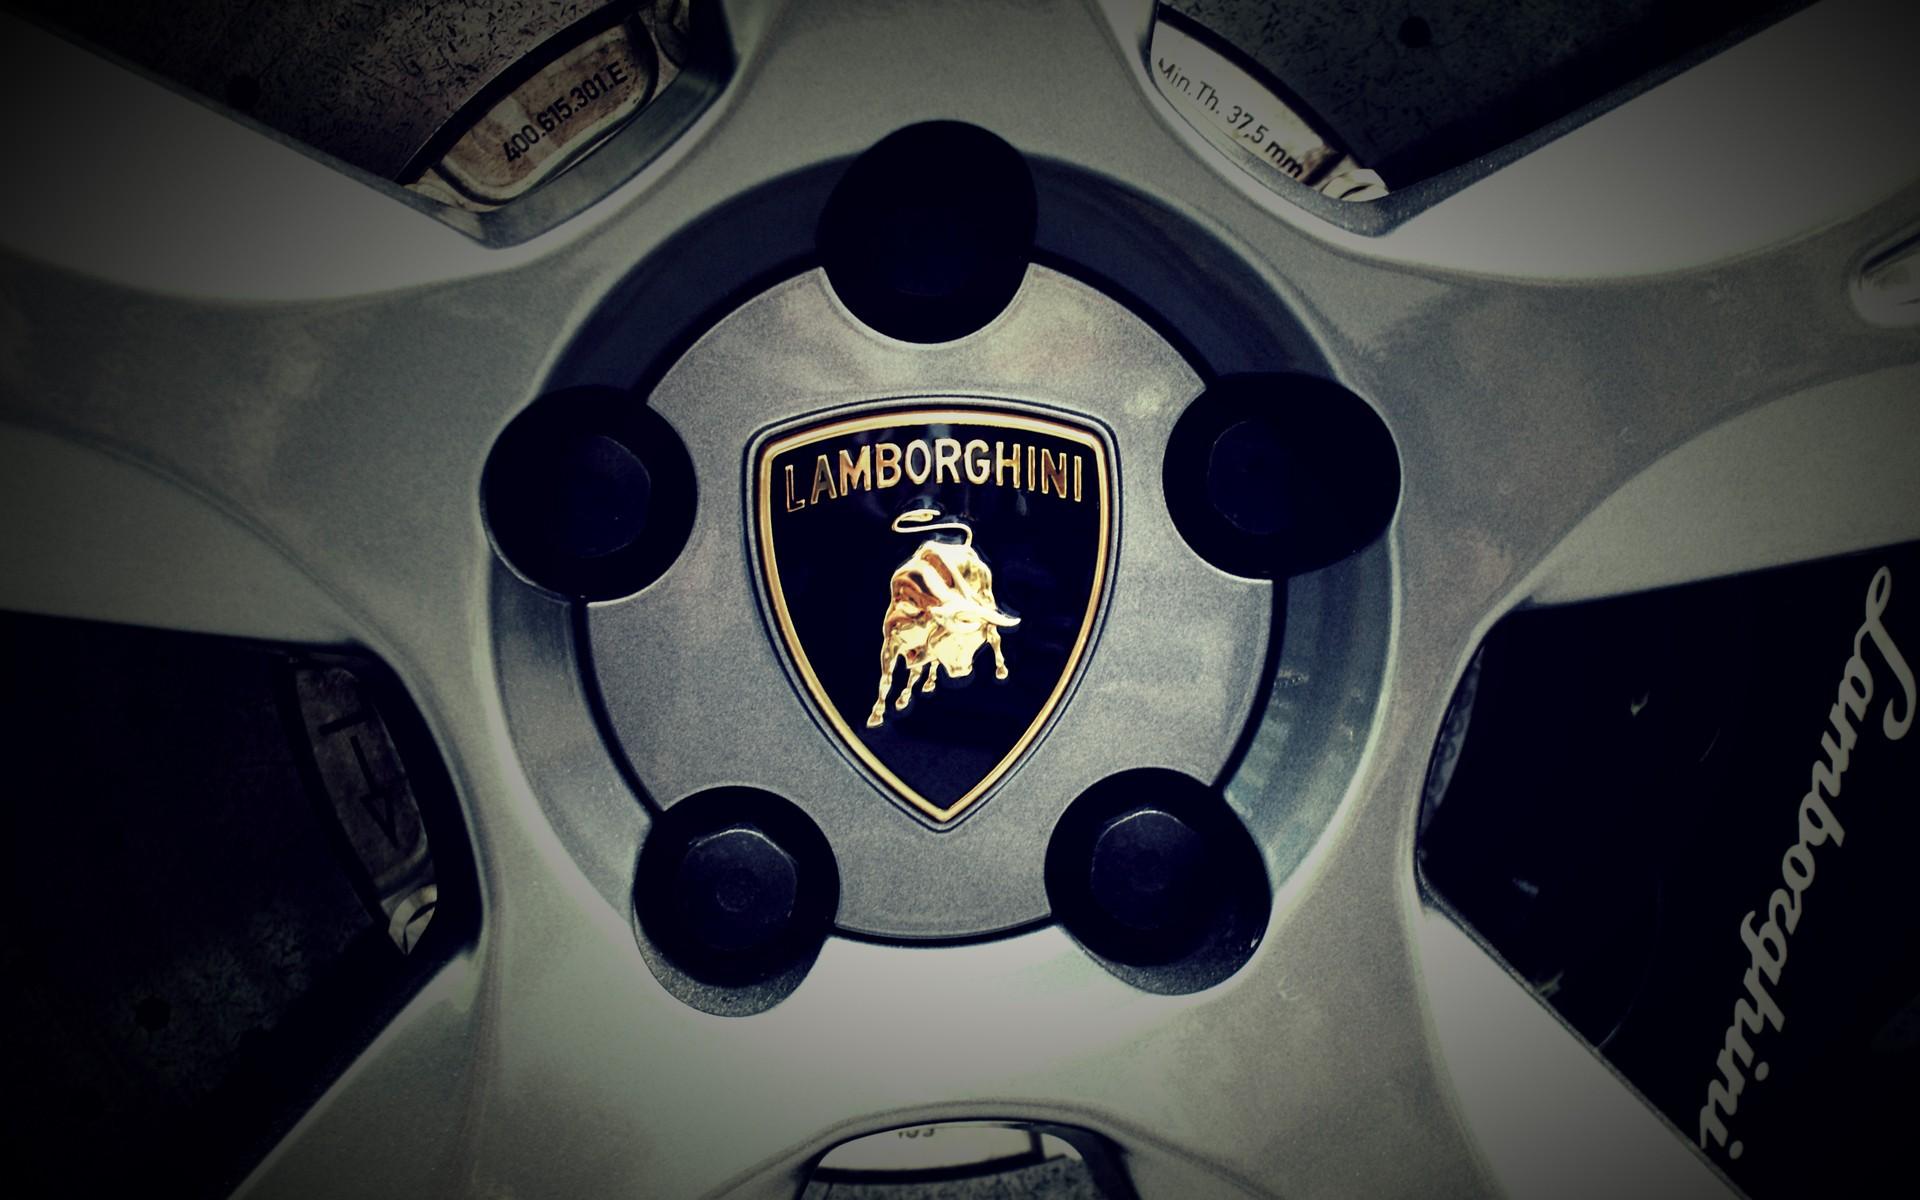 Lamborghini Logo Wallpapers Hd Lamborghini Logo HD Wallpaper 5 1920x1200